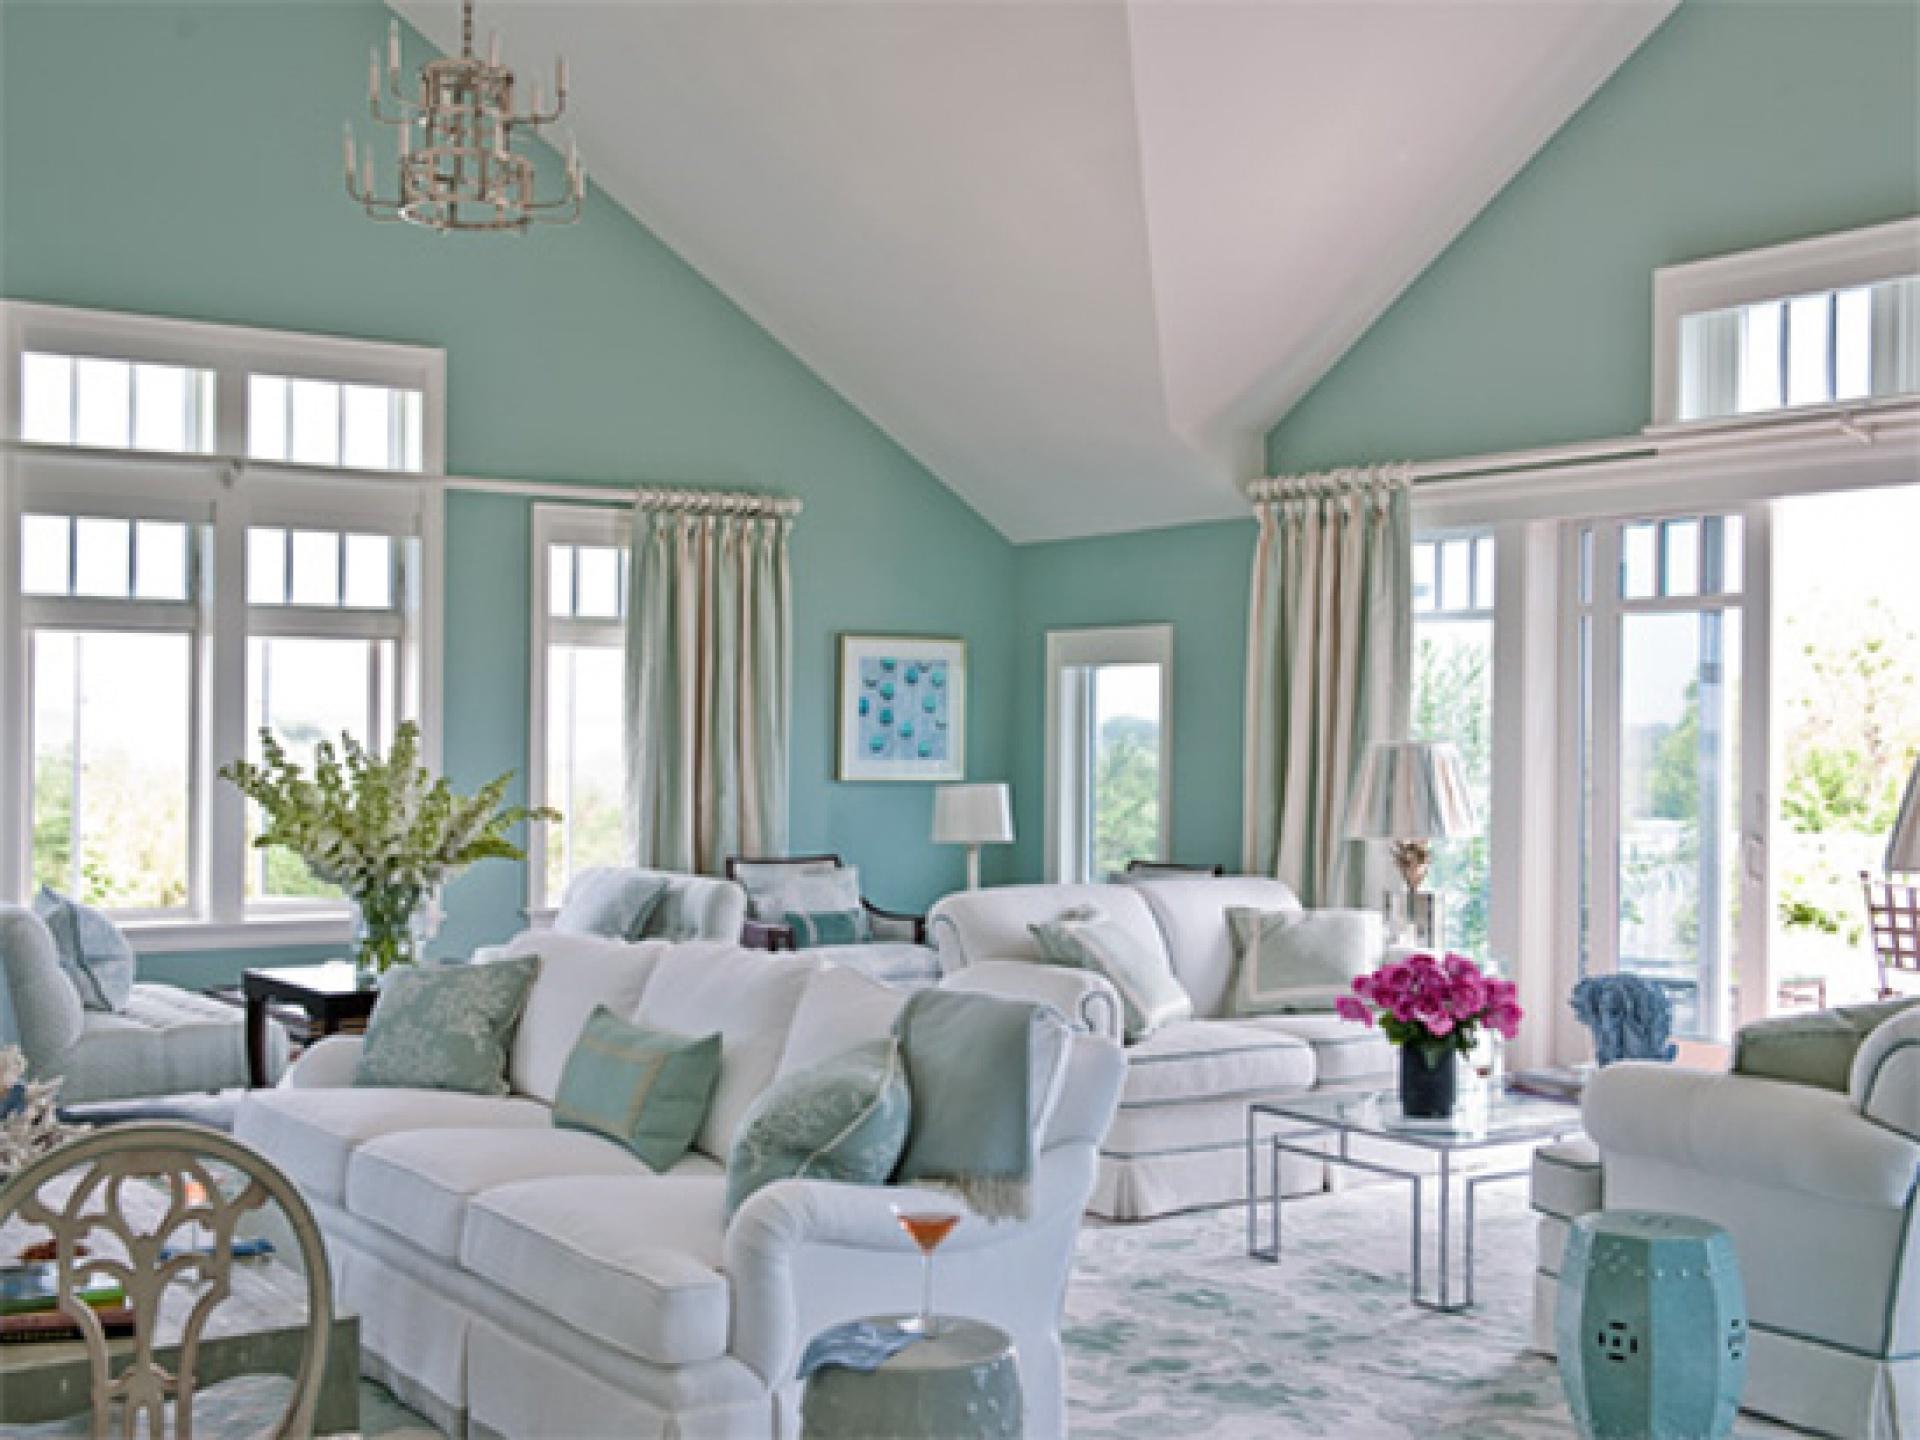 Beach house interior paint colors | Hawk Haven